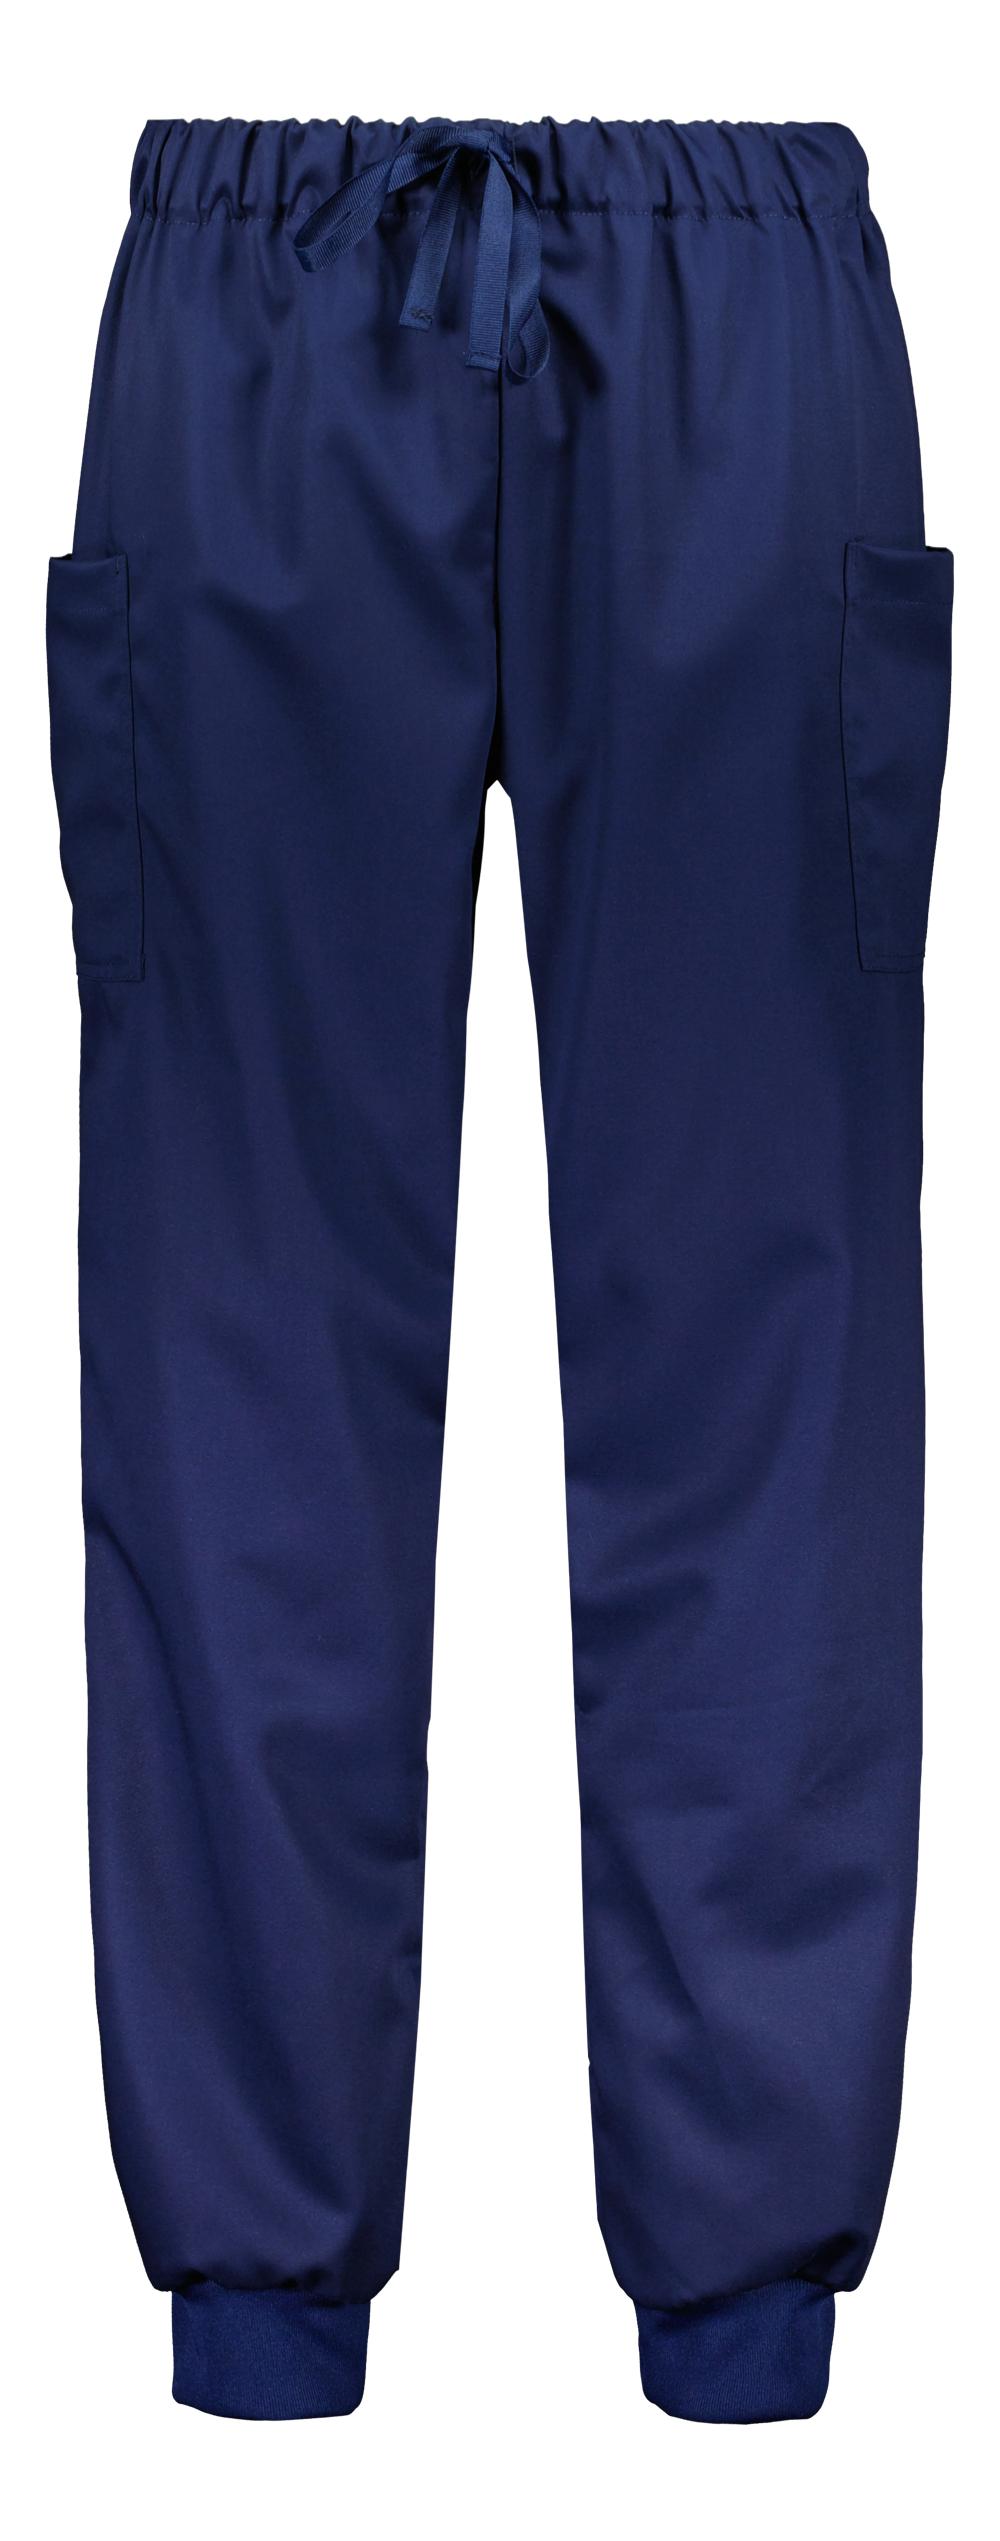 Hero housut, unisex, sininen